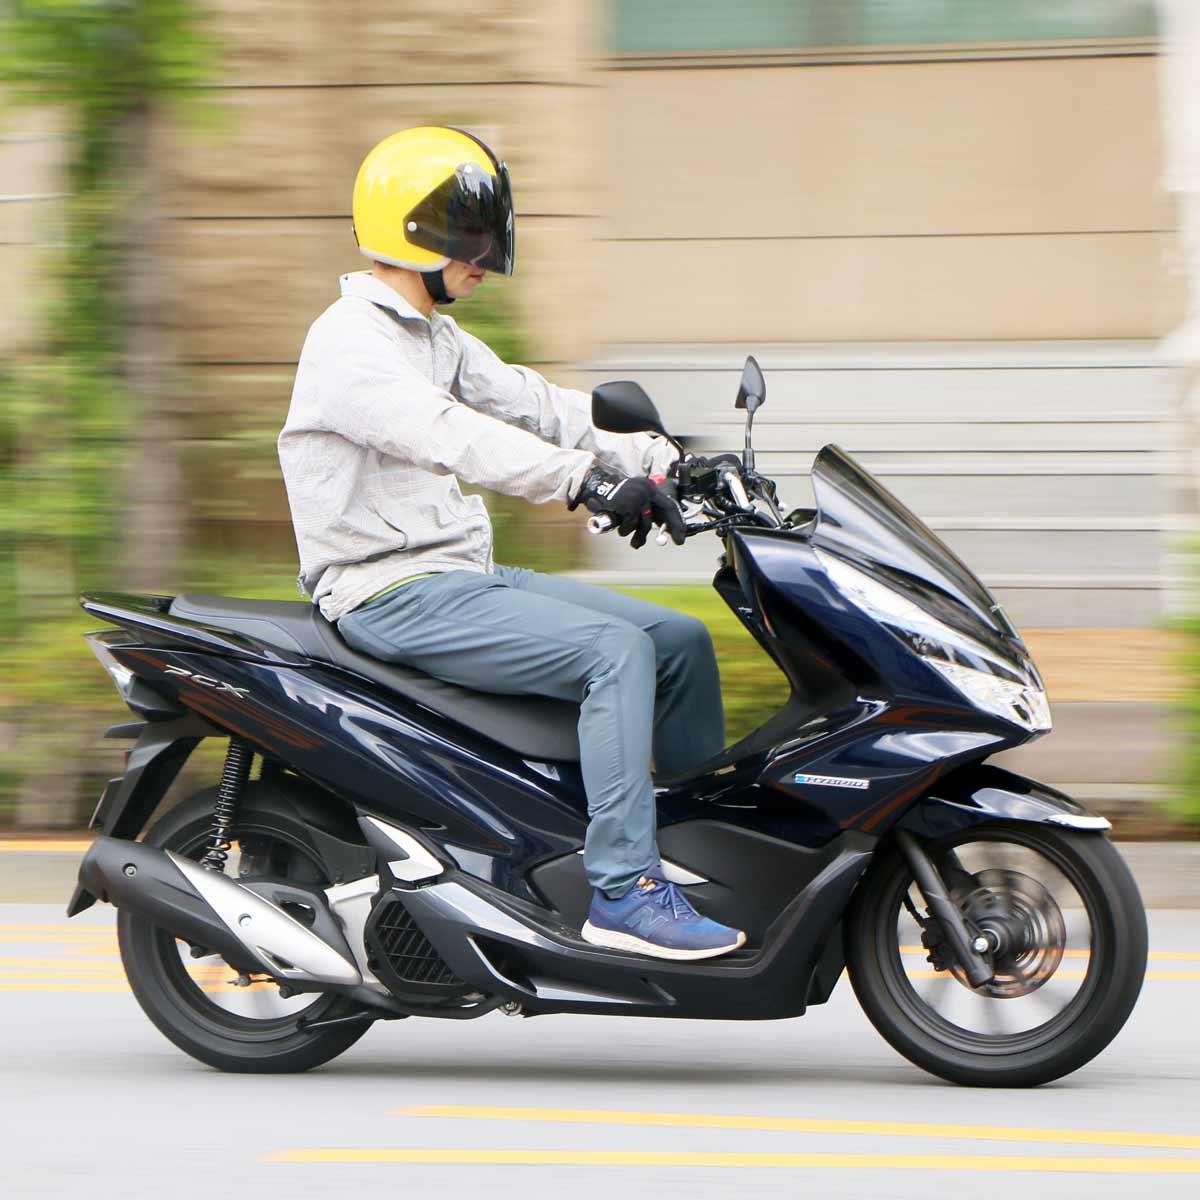 世界初の2輪ハイブリッド! ホンダ「PCX HYBRID」で味わう電子モーターの加速感にハマる!!